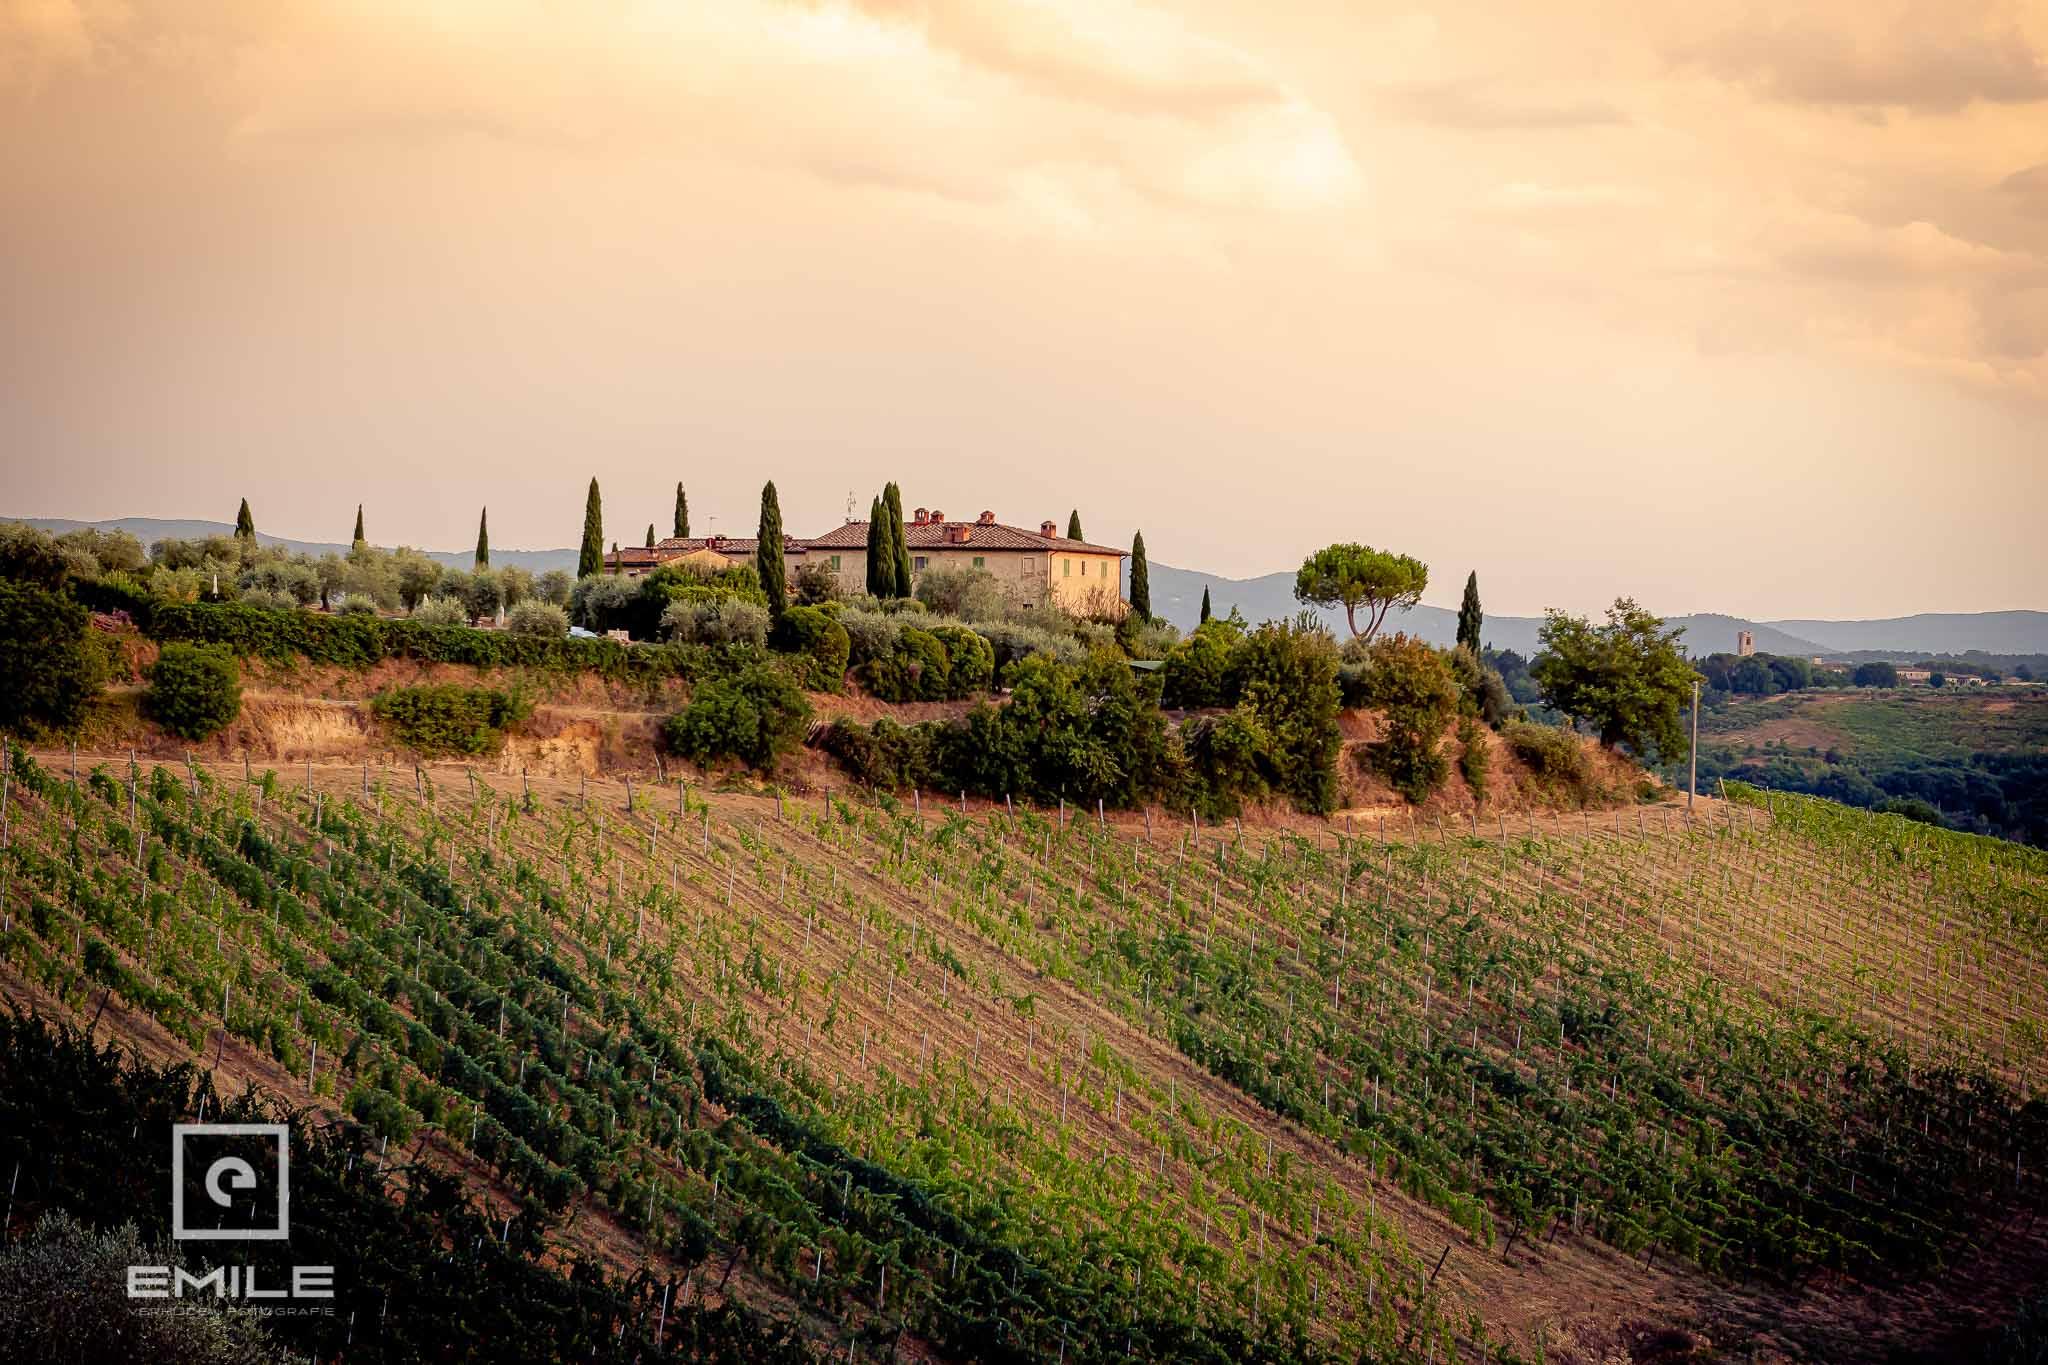 Huis in landschap in de avond - Destination wedding San Gimignano - Toscane Italie - Iris en Job